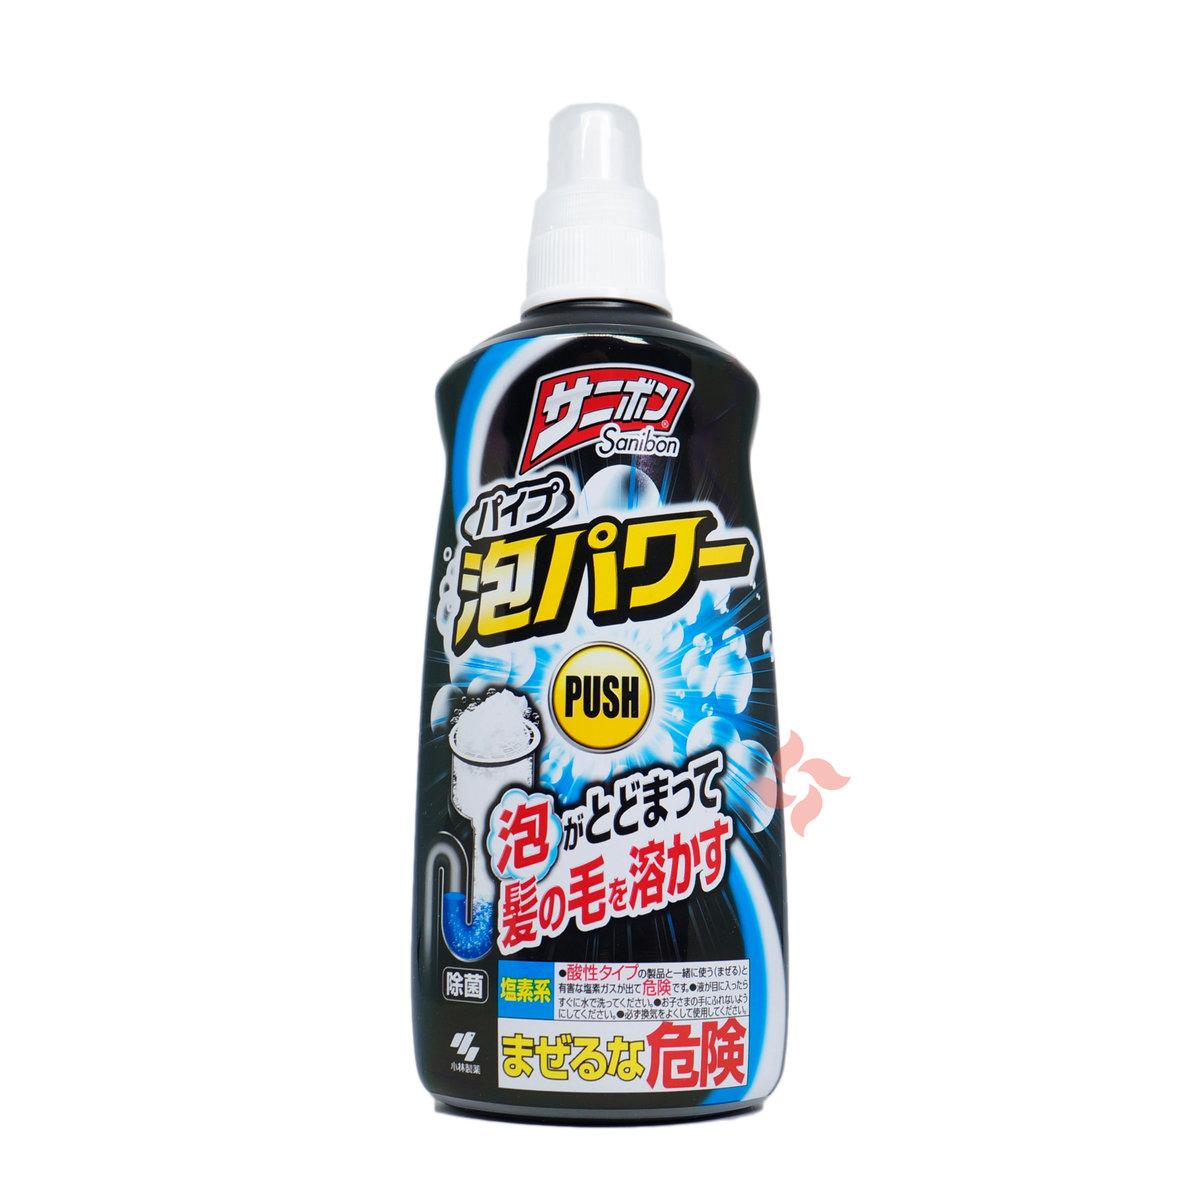 廚房廁所排水管疏通劑 泡沫裝 400ml (4987072032657)